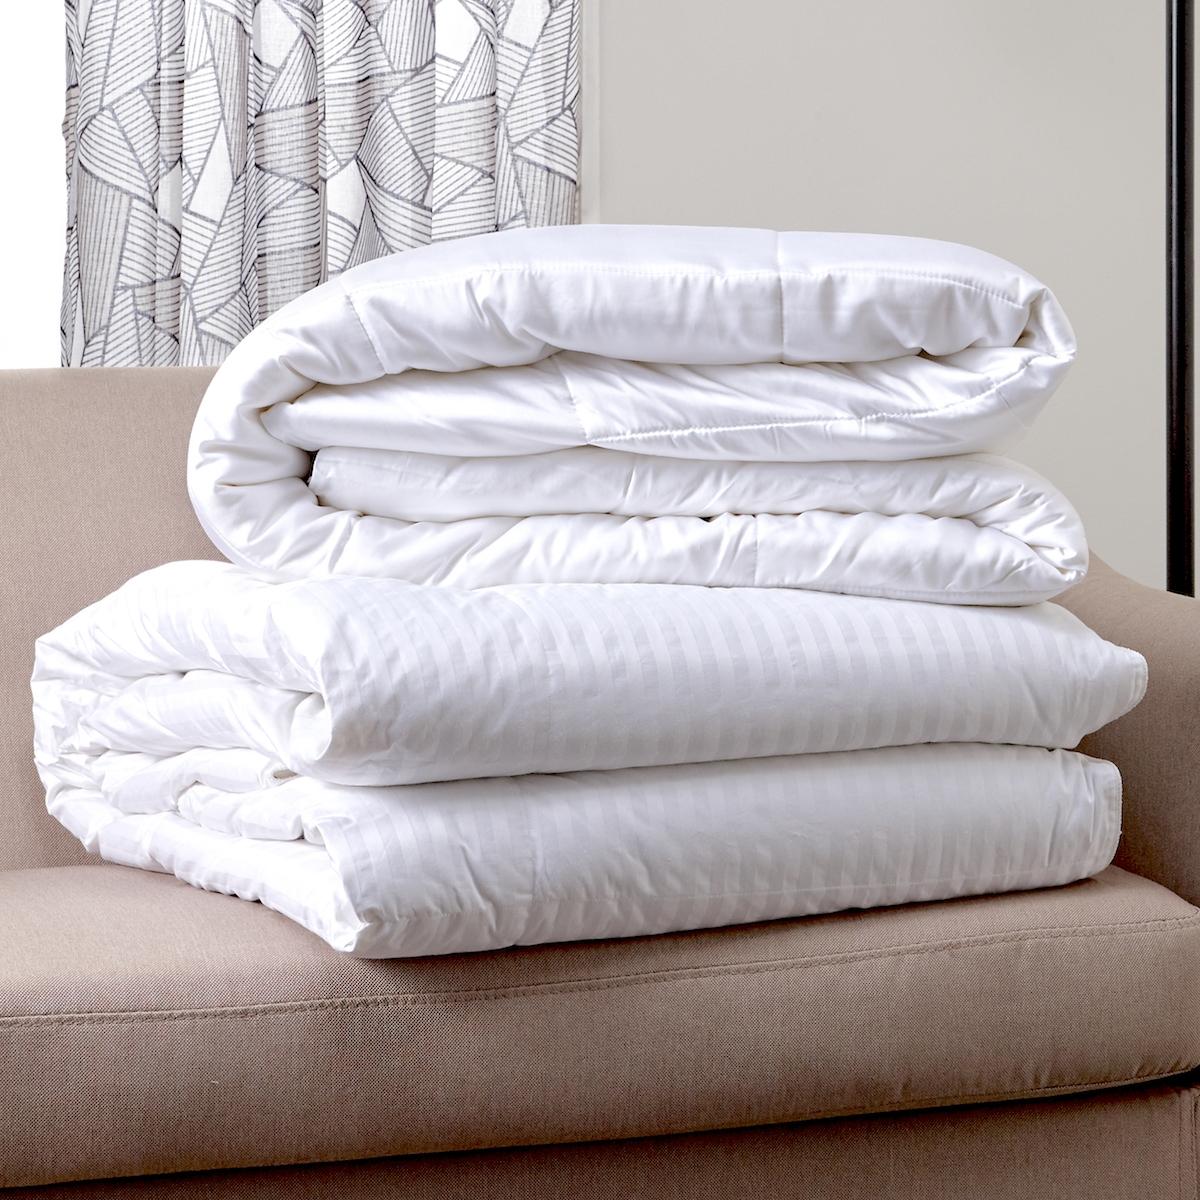 kitchen sale super duvets cotton amazon size queen com for flat soft set fox dp casa sheet home duvet cover piece case pillow